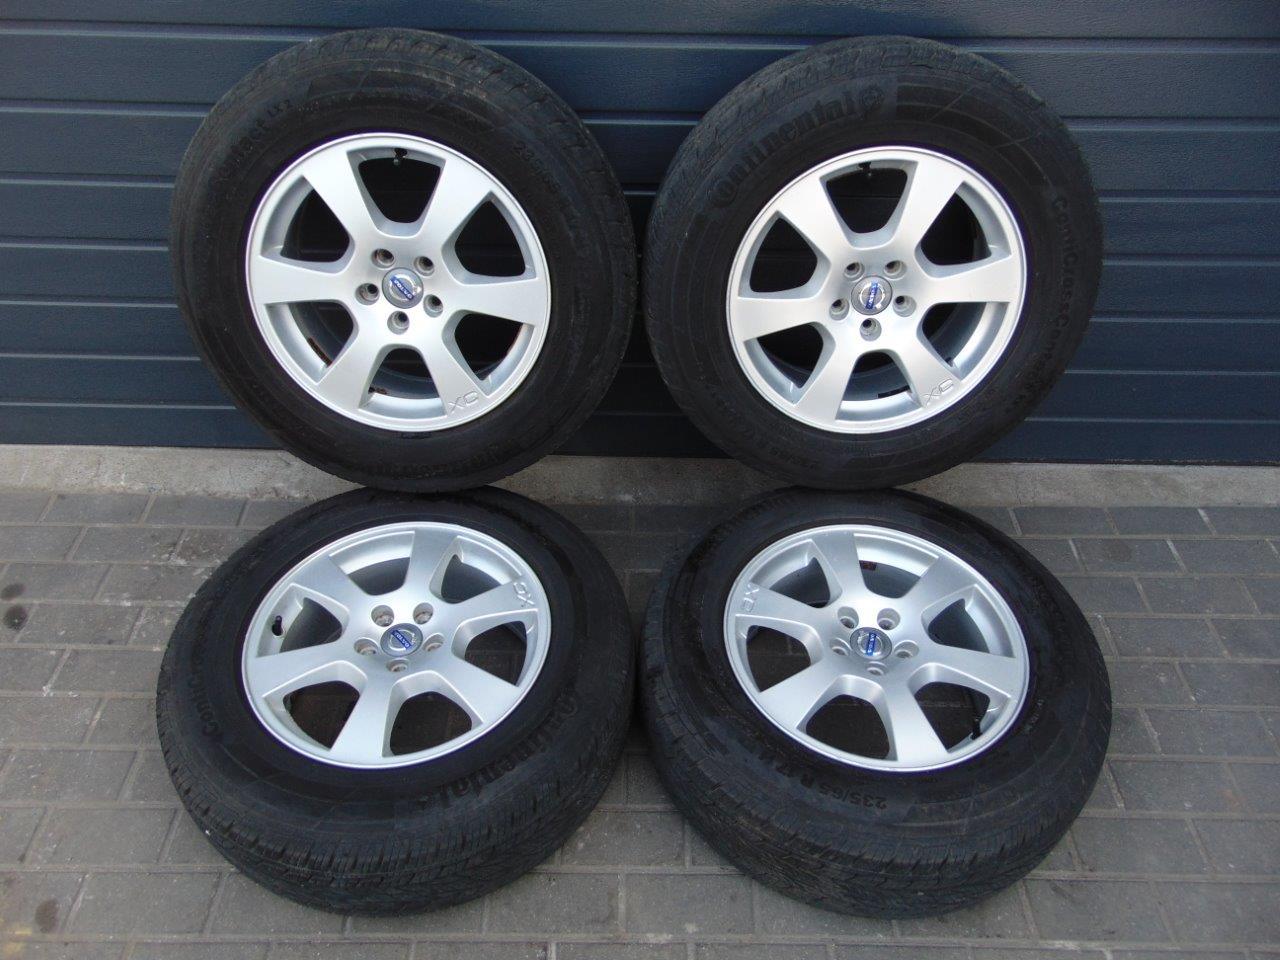 Volvo Xc60 Xc70 Xc90 Felgi Aluminiowe Opony 17 7262692126